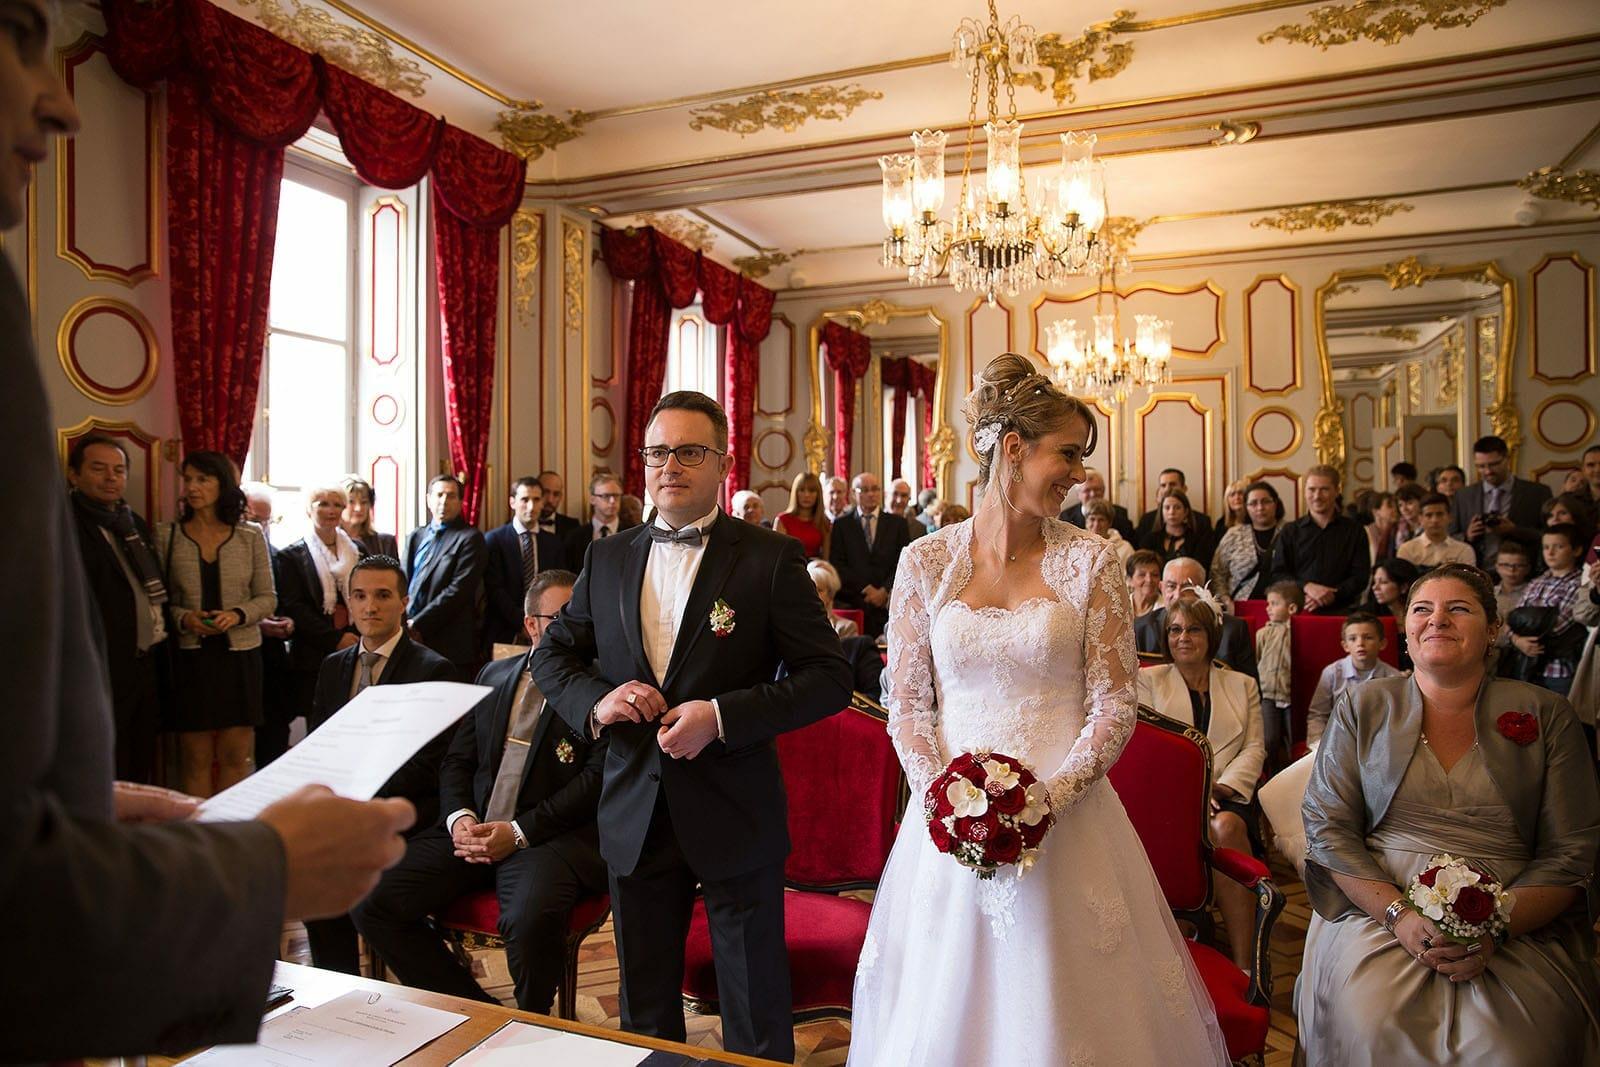 photographe de mariage chalon sur sane la marie change un regard complice avec sa - Photographe Mariage Chalon Sur Saone